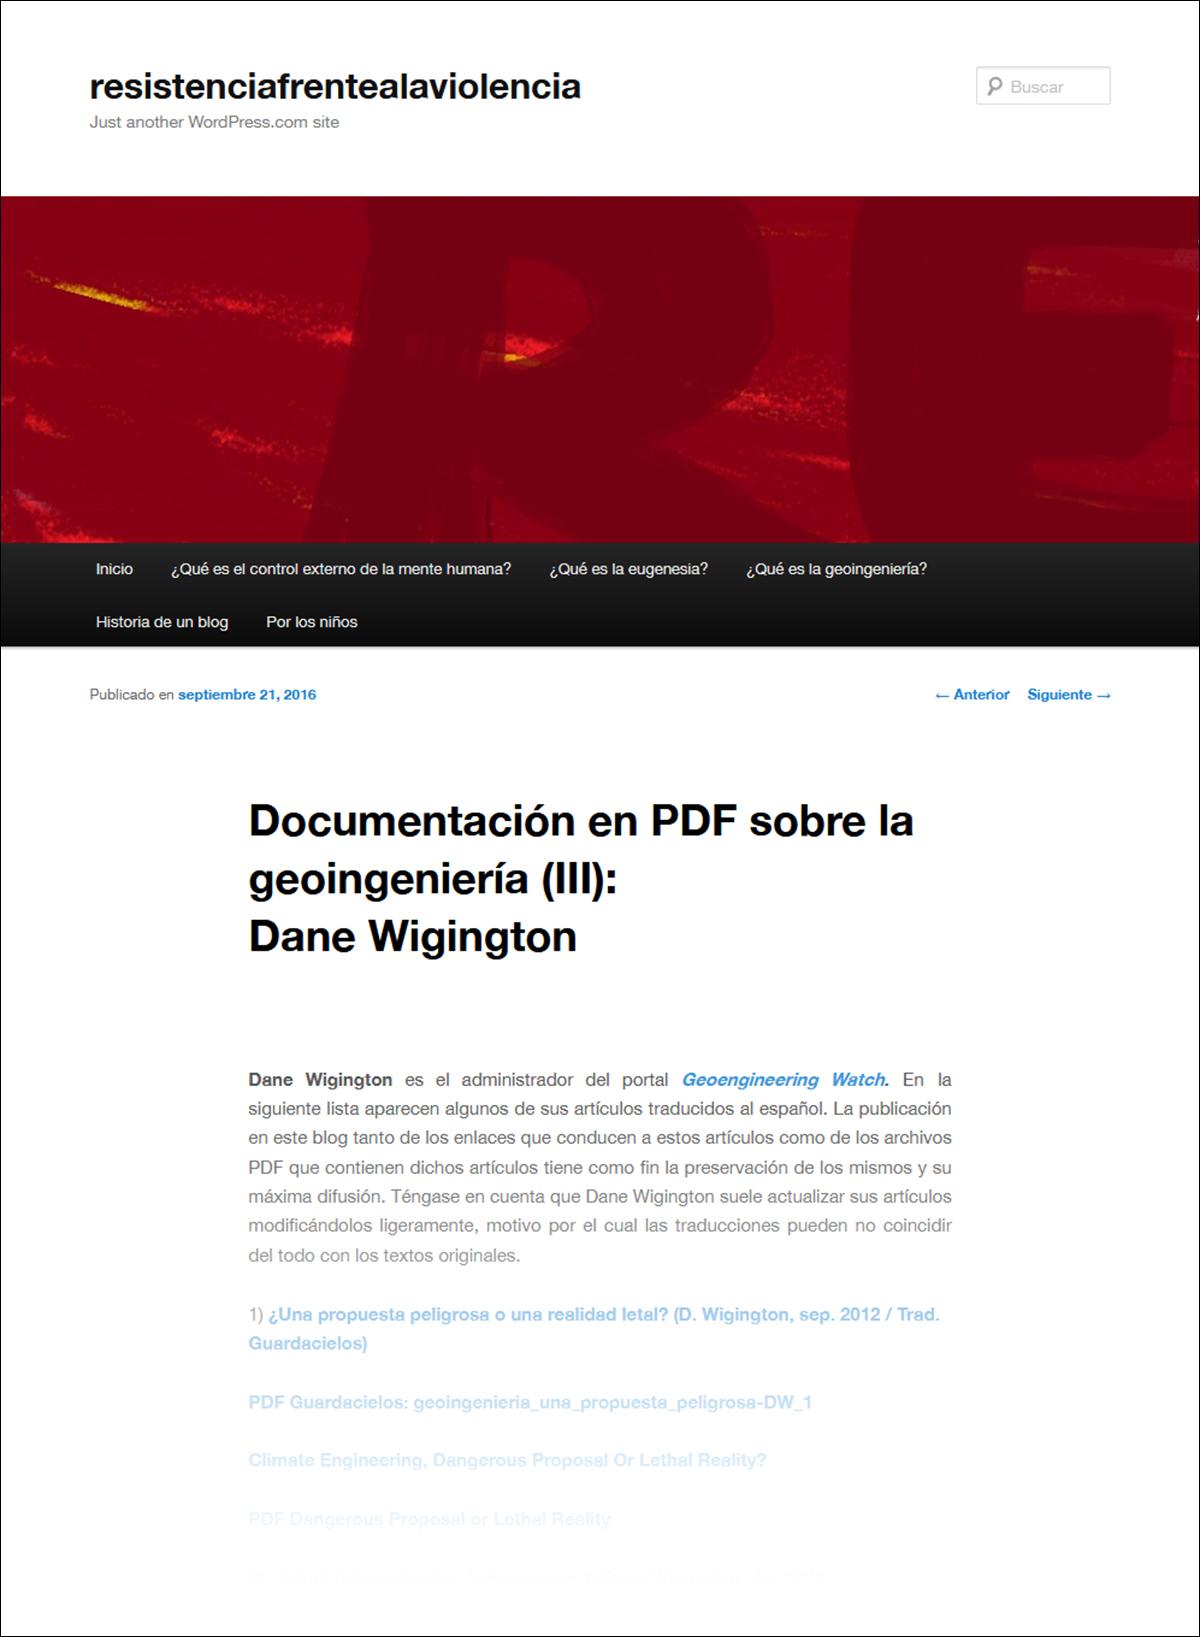 resistenciafrentealaviolencia_dane-wigington